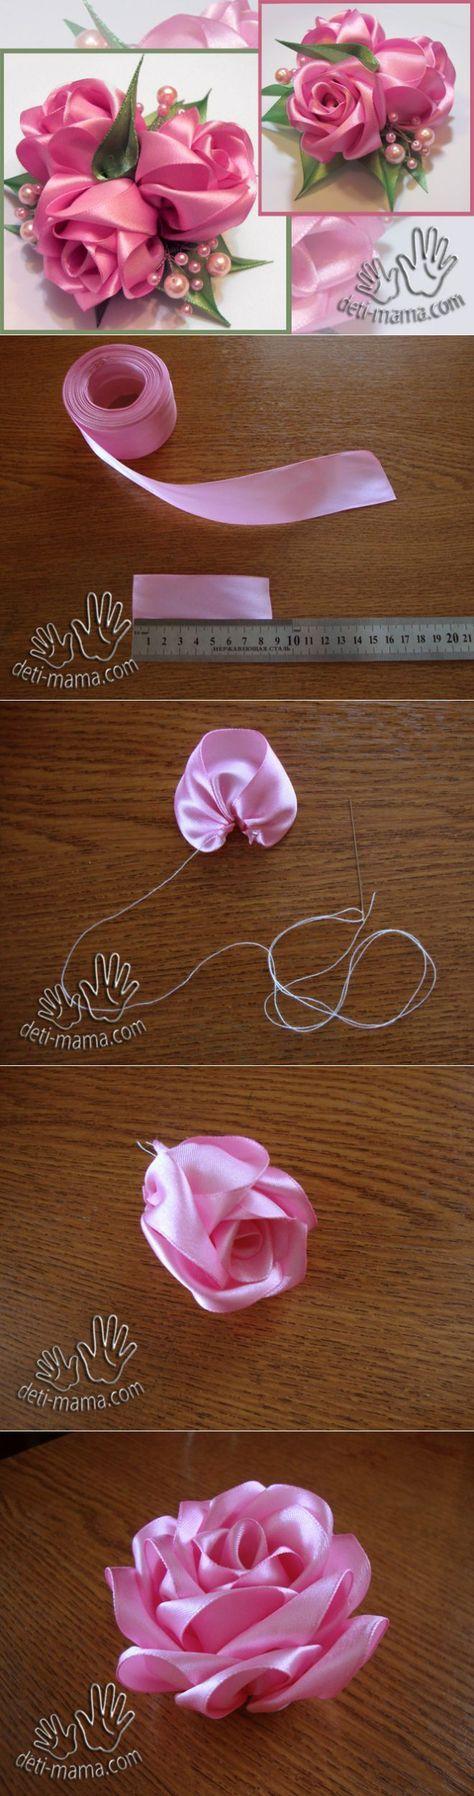 Розочки из ткани. МК бутонная роза. | Журнал для мам и детей